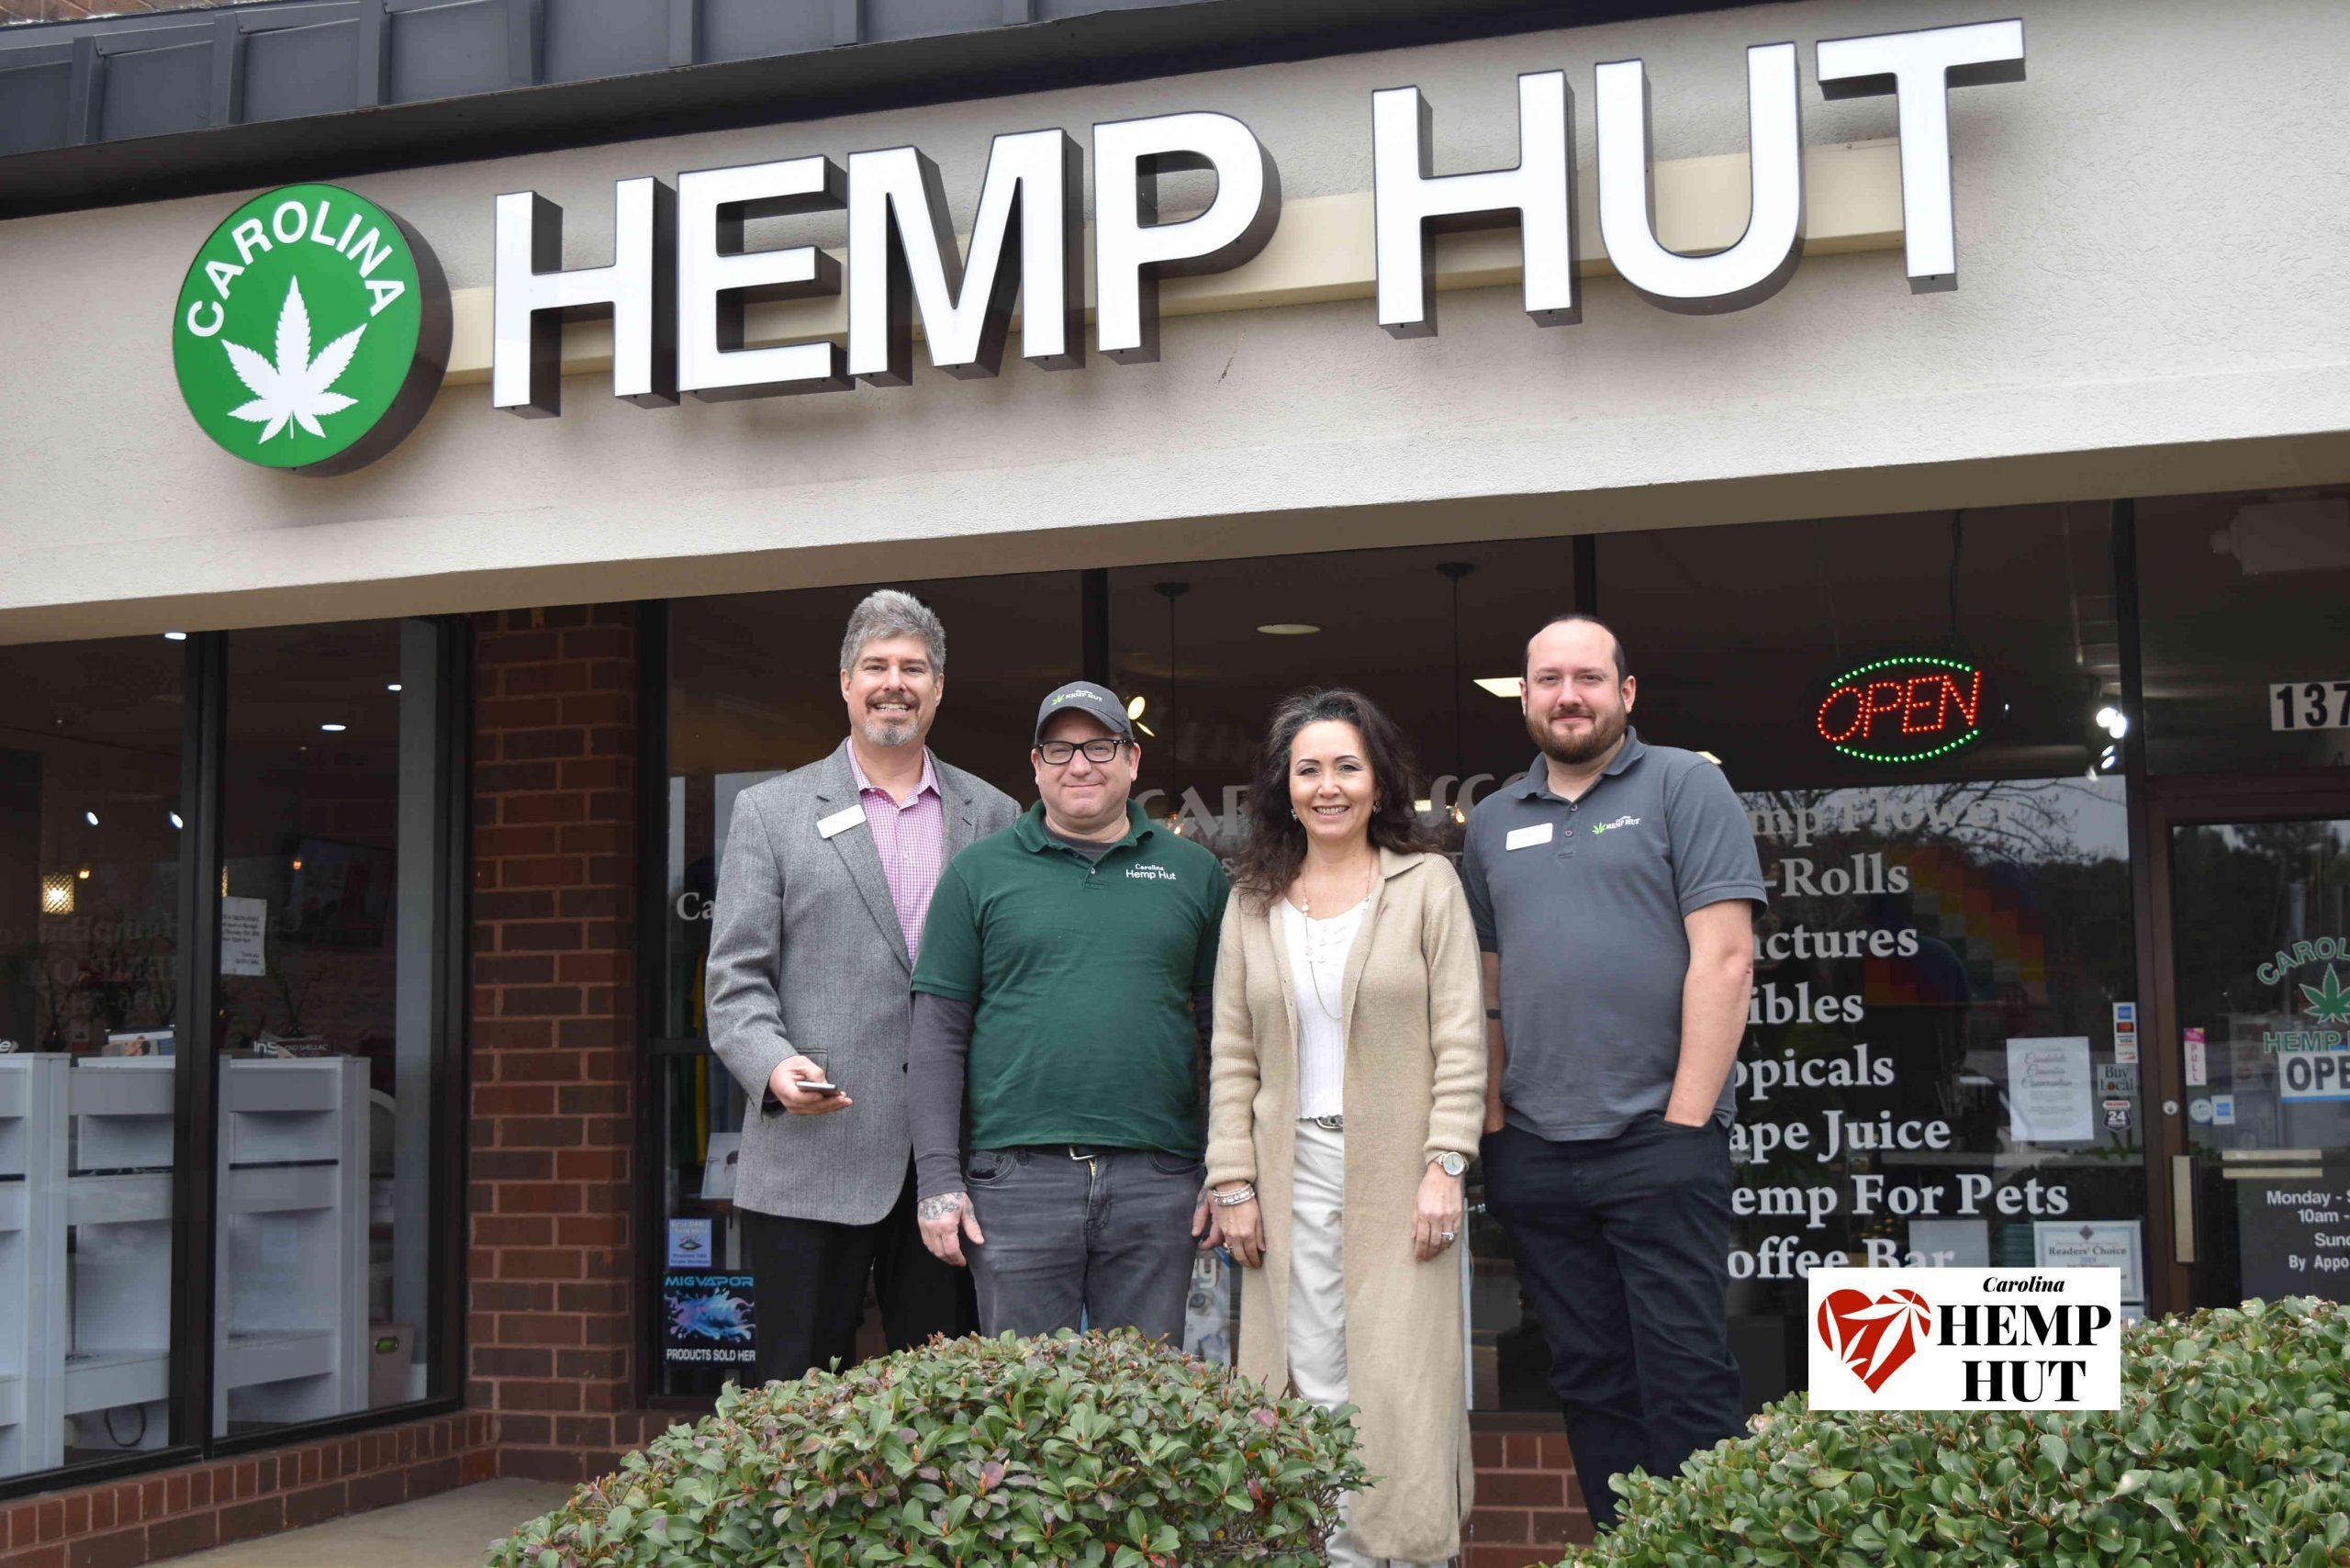 The Management team at Carolina Hemp Hut